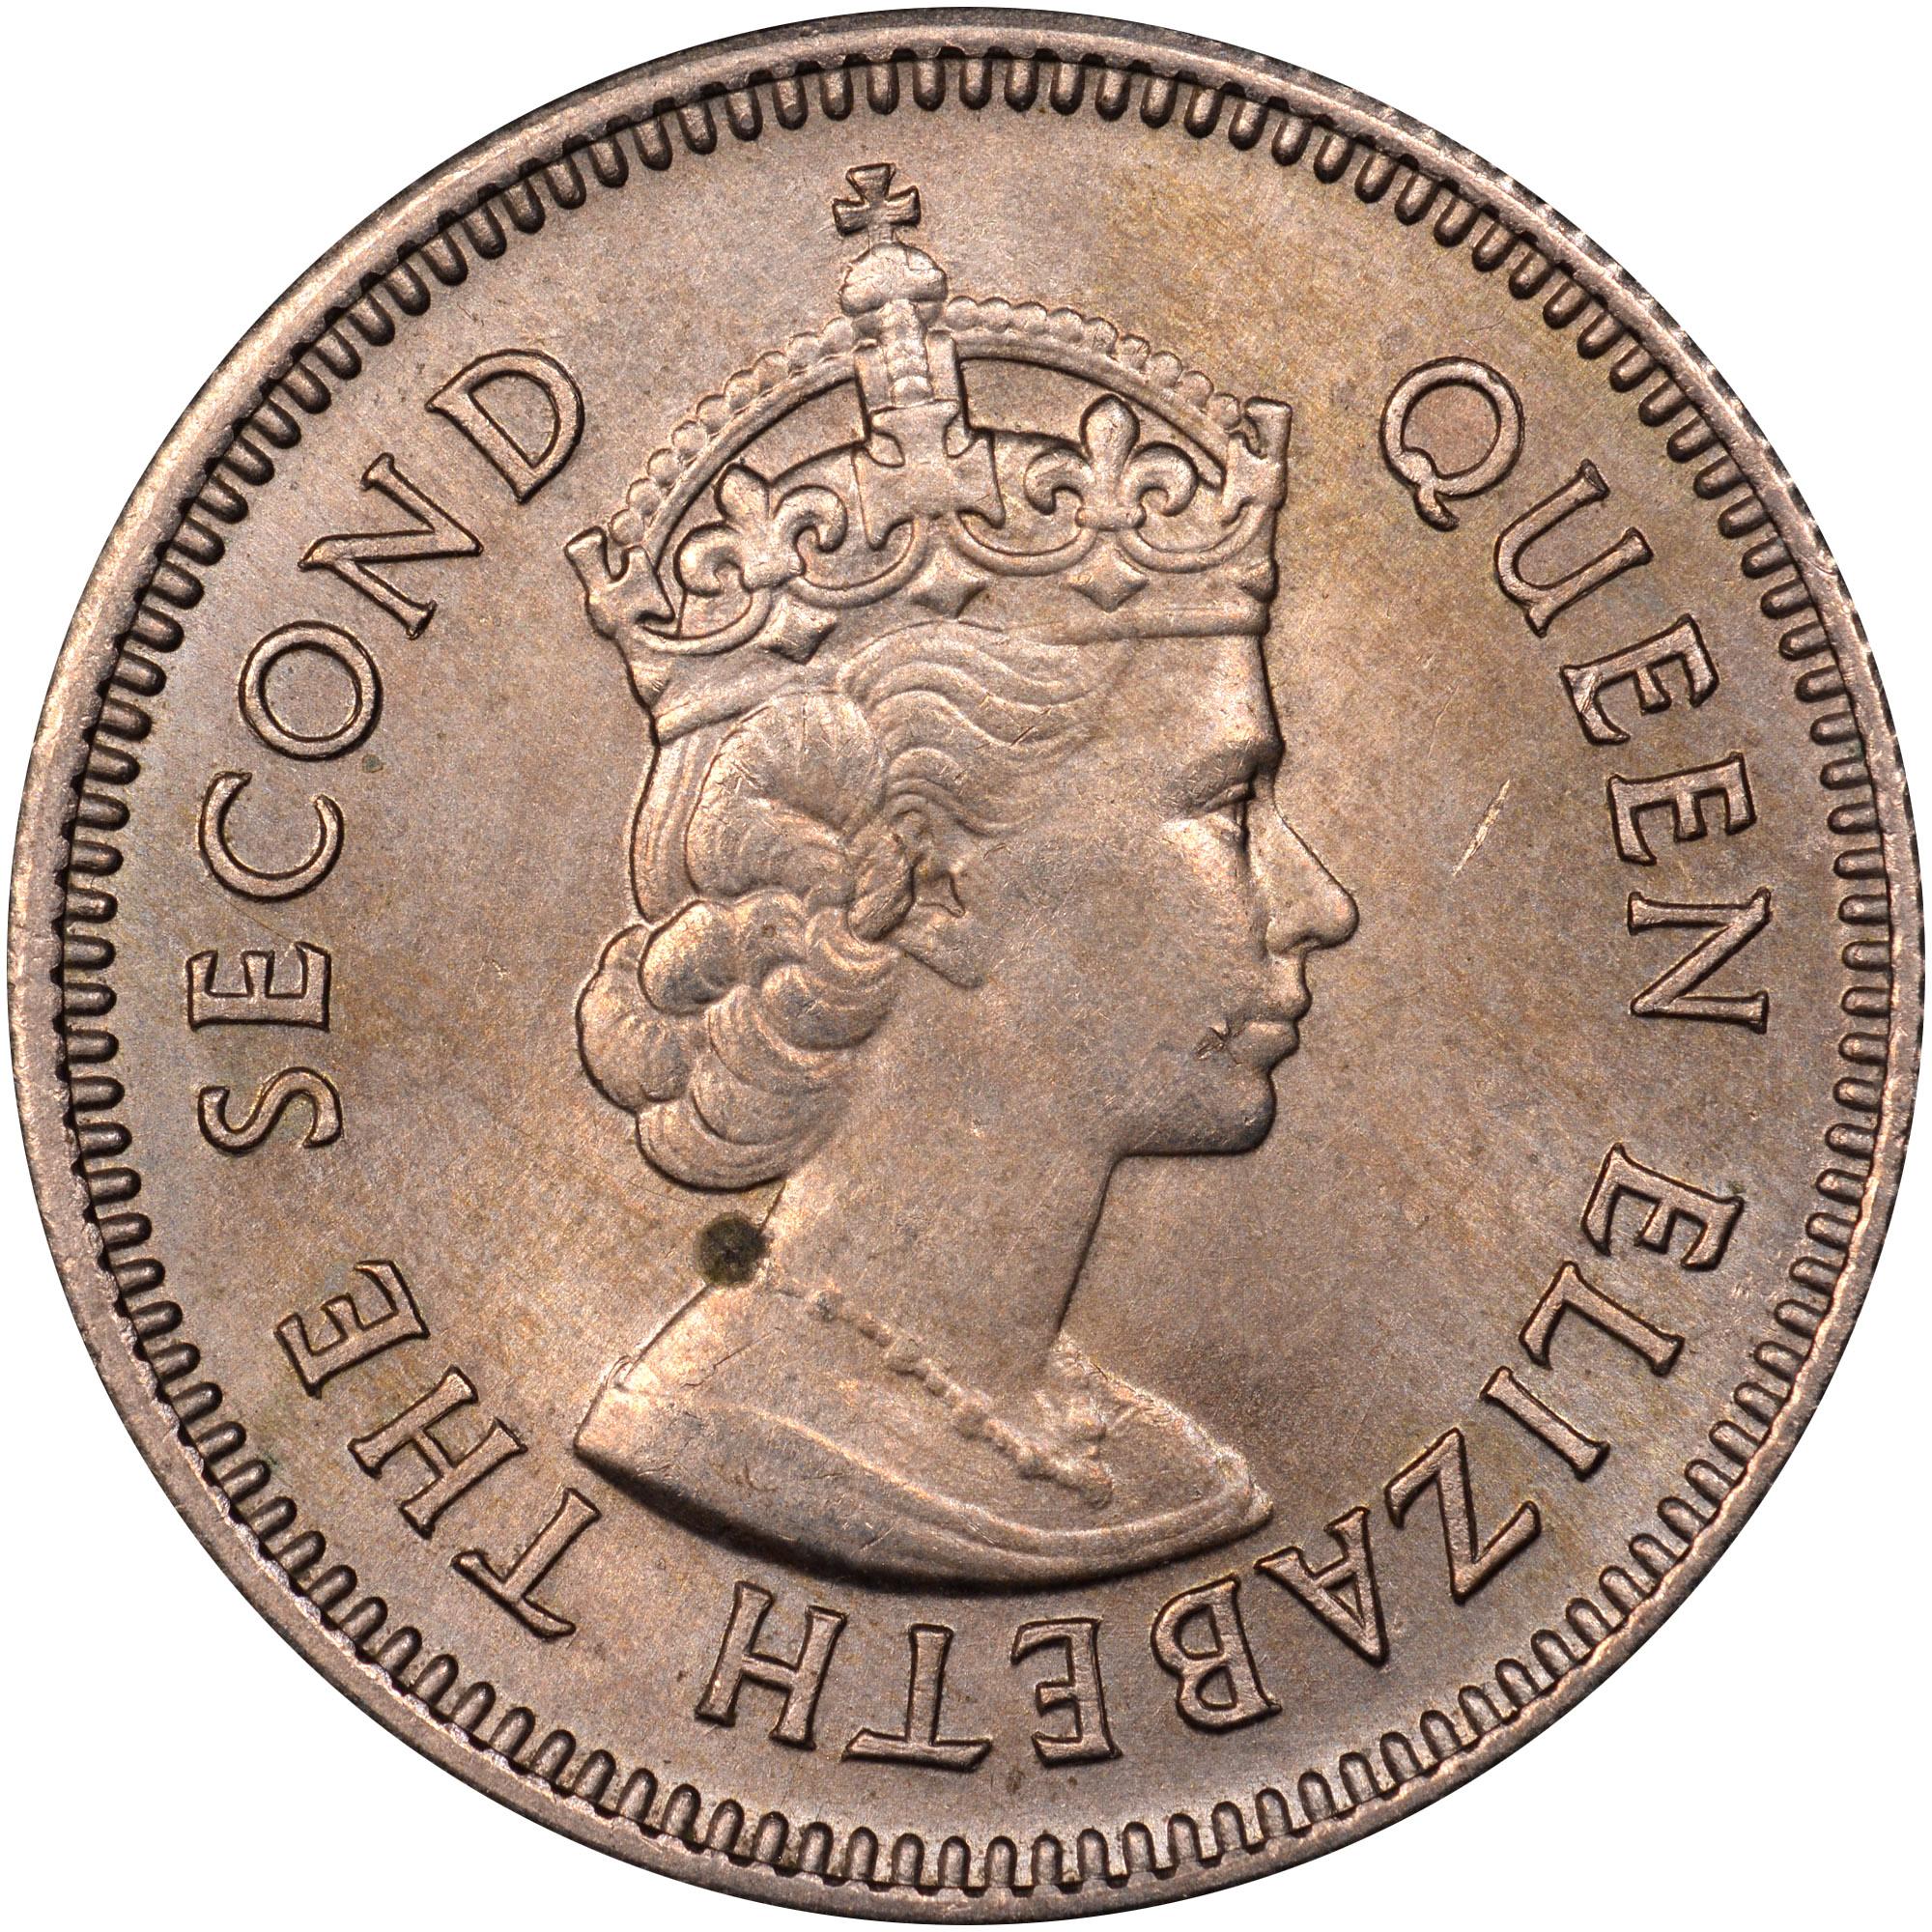 1956-1970 British Honduras 10 Cents obverse